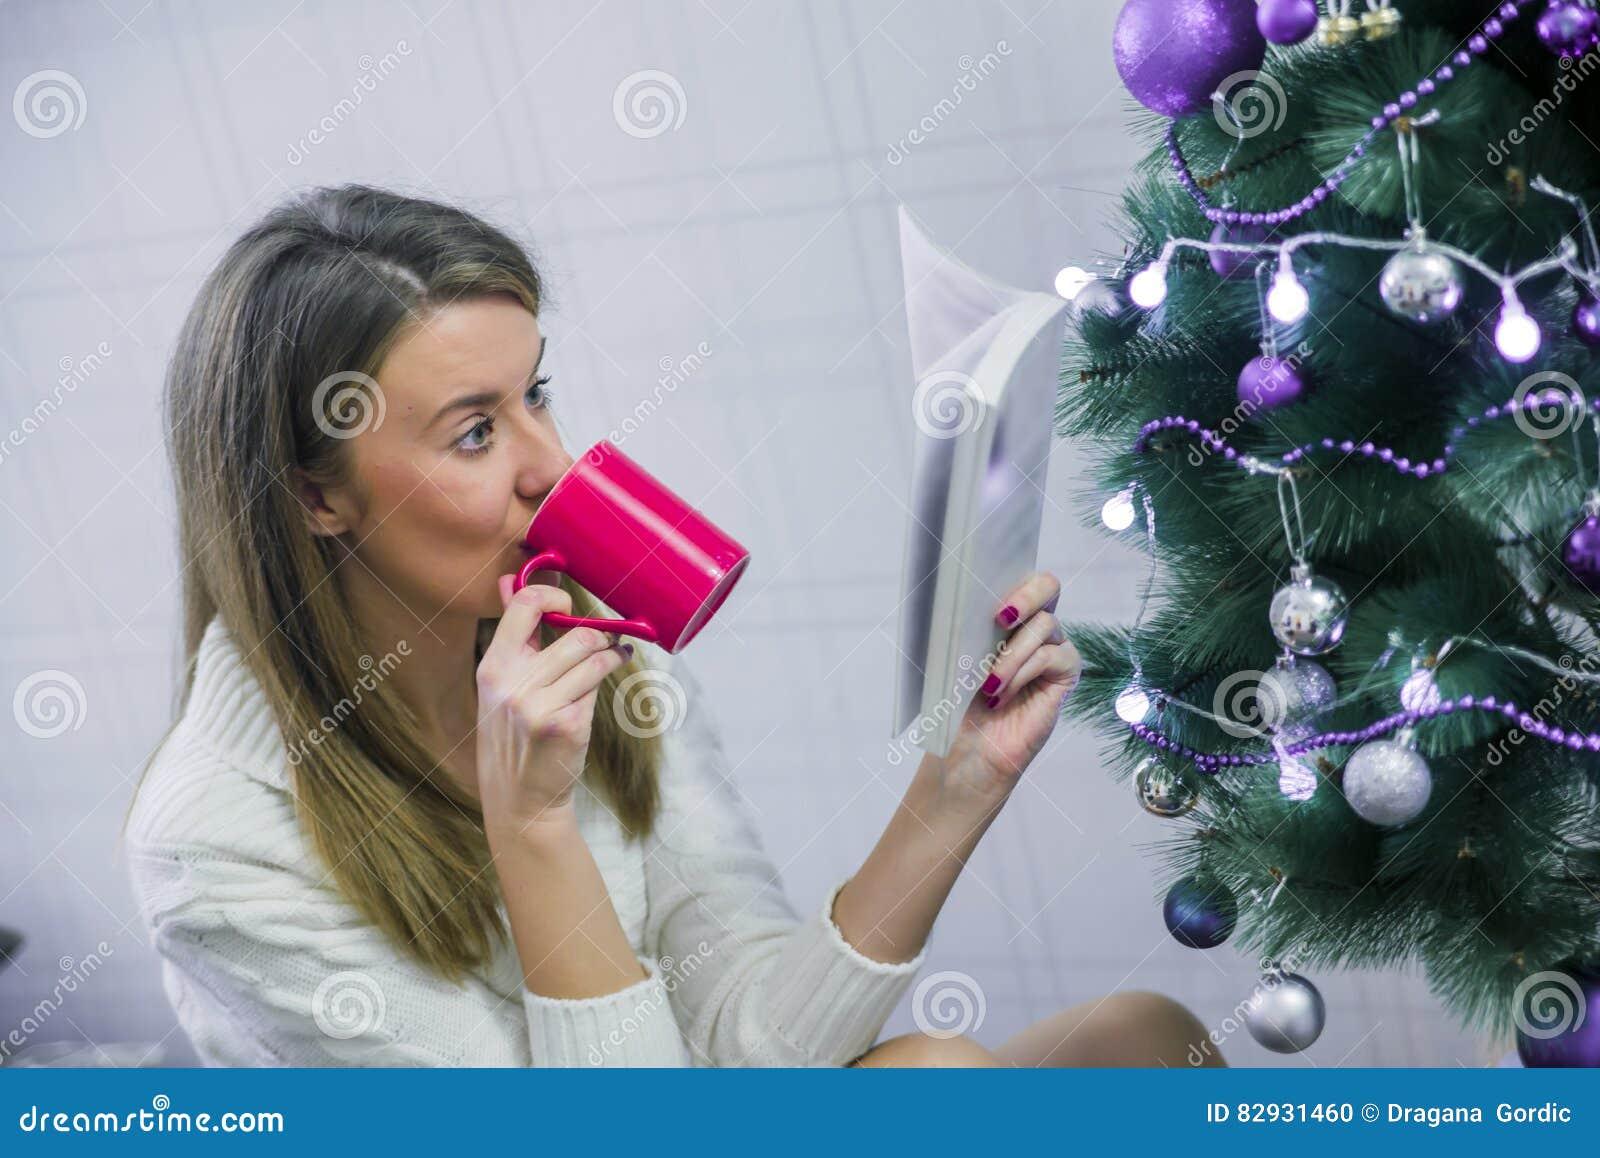 Νέα γυναίκα με το φλυτζάνι της καυτής σοκολάτας μπροστά από το χριστουγεννιάτικο δέντρο